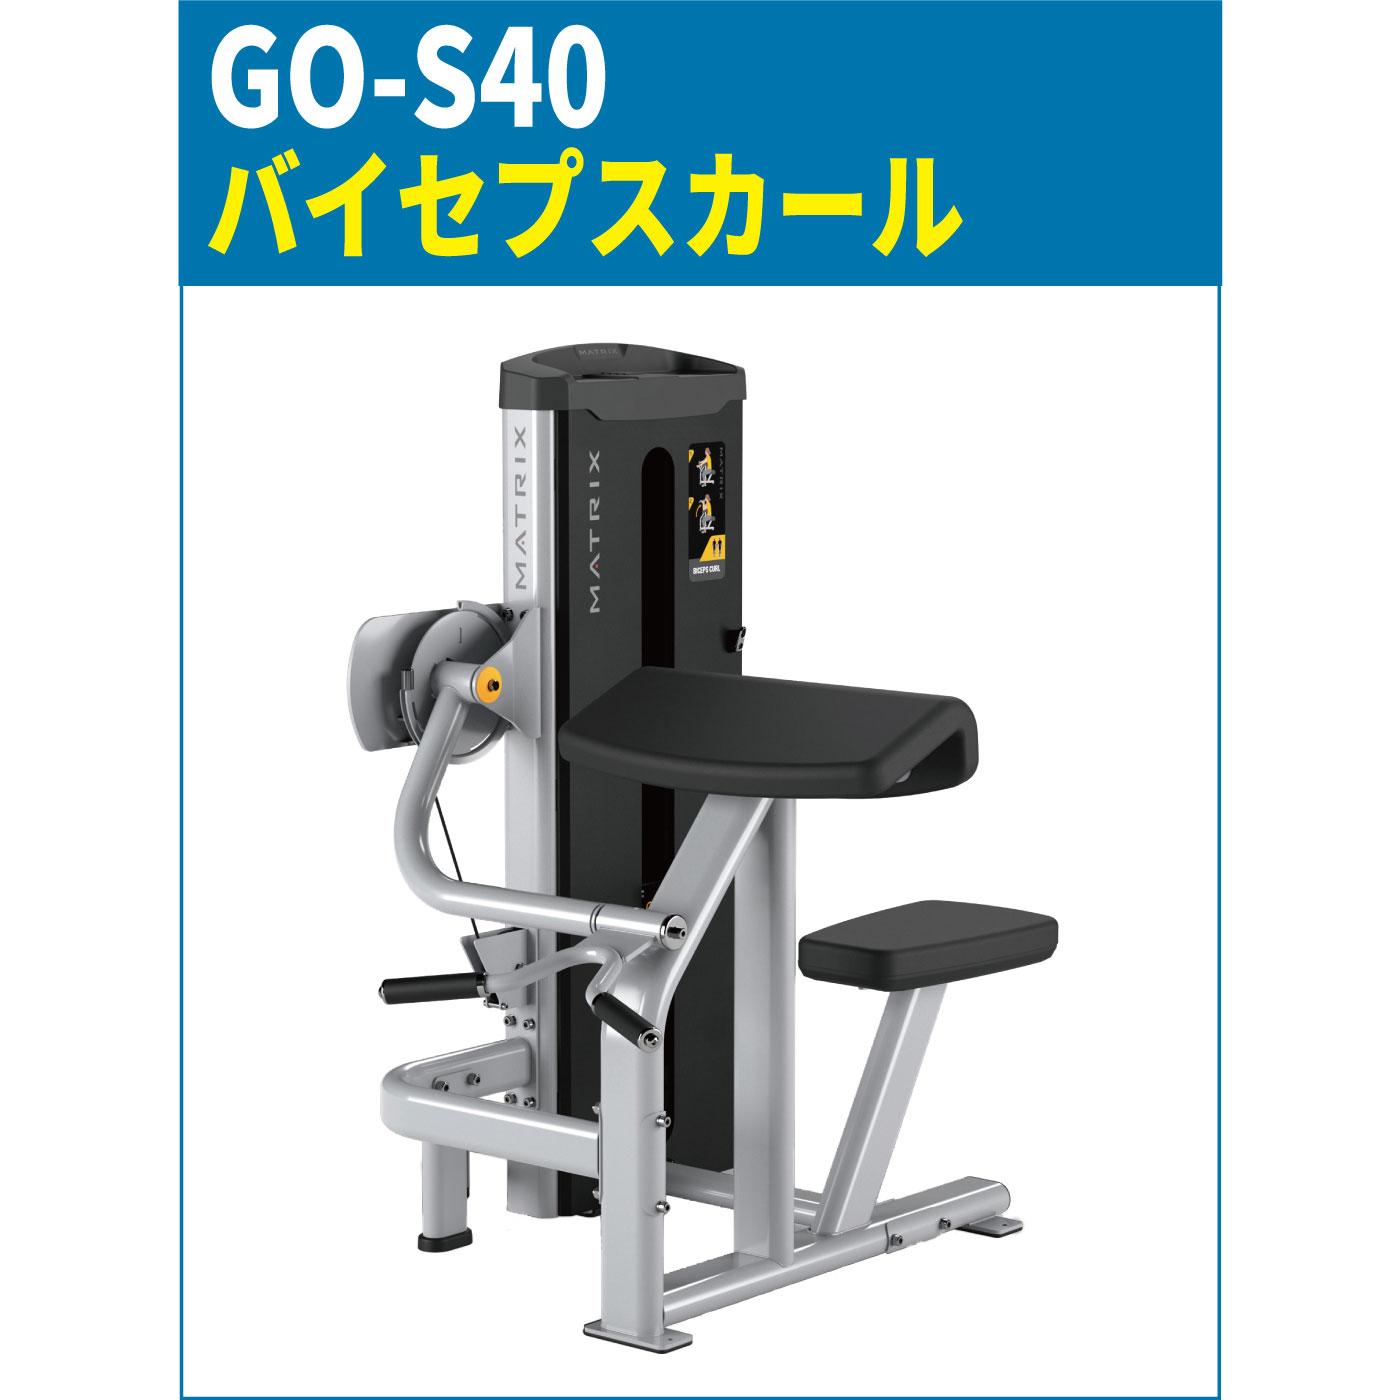 GO-S40のバイセプスカール